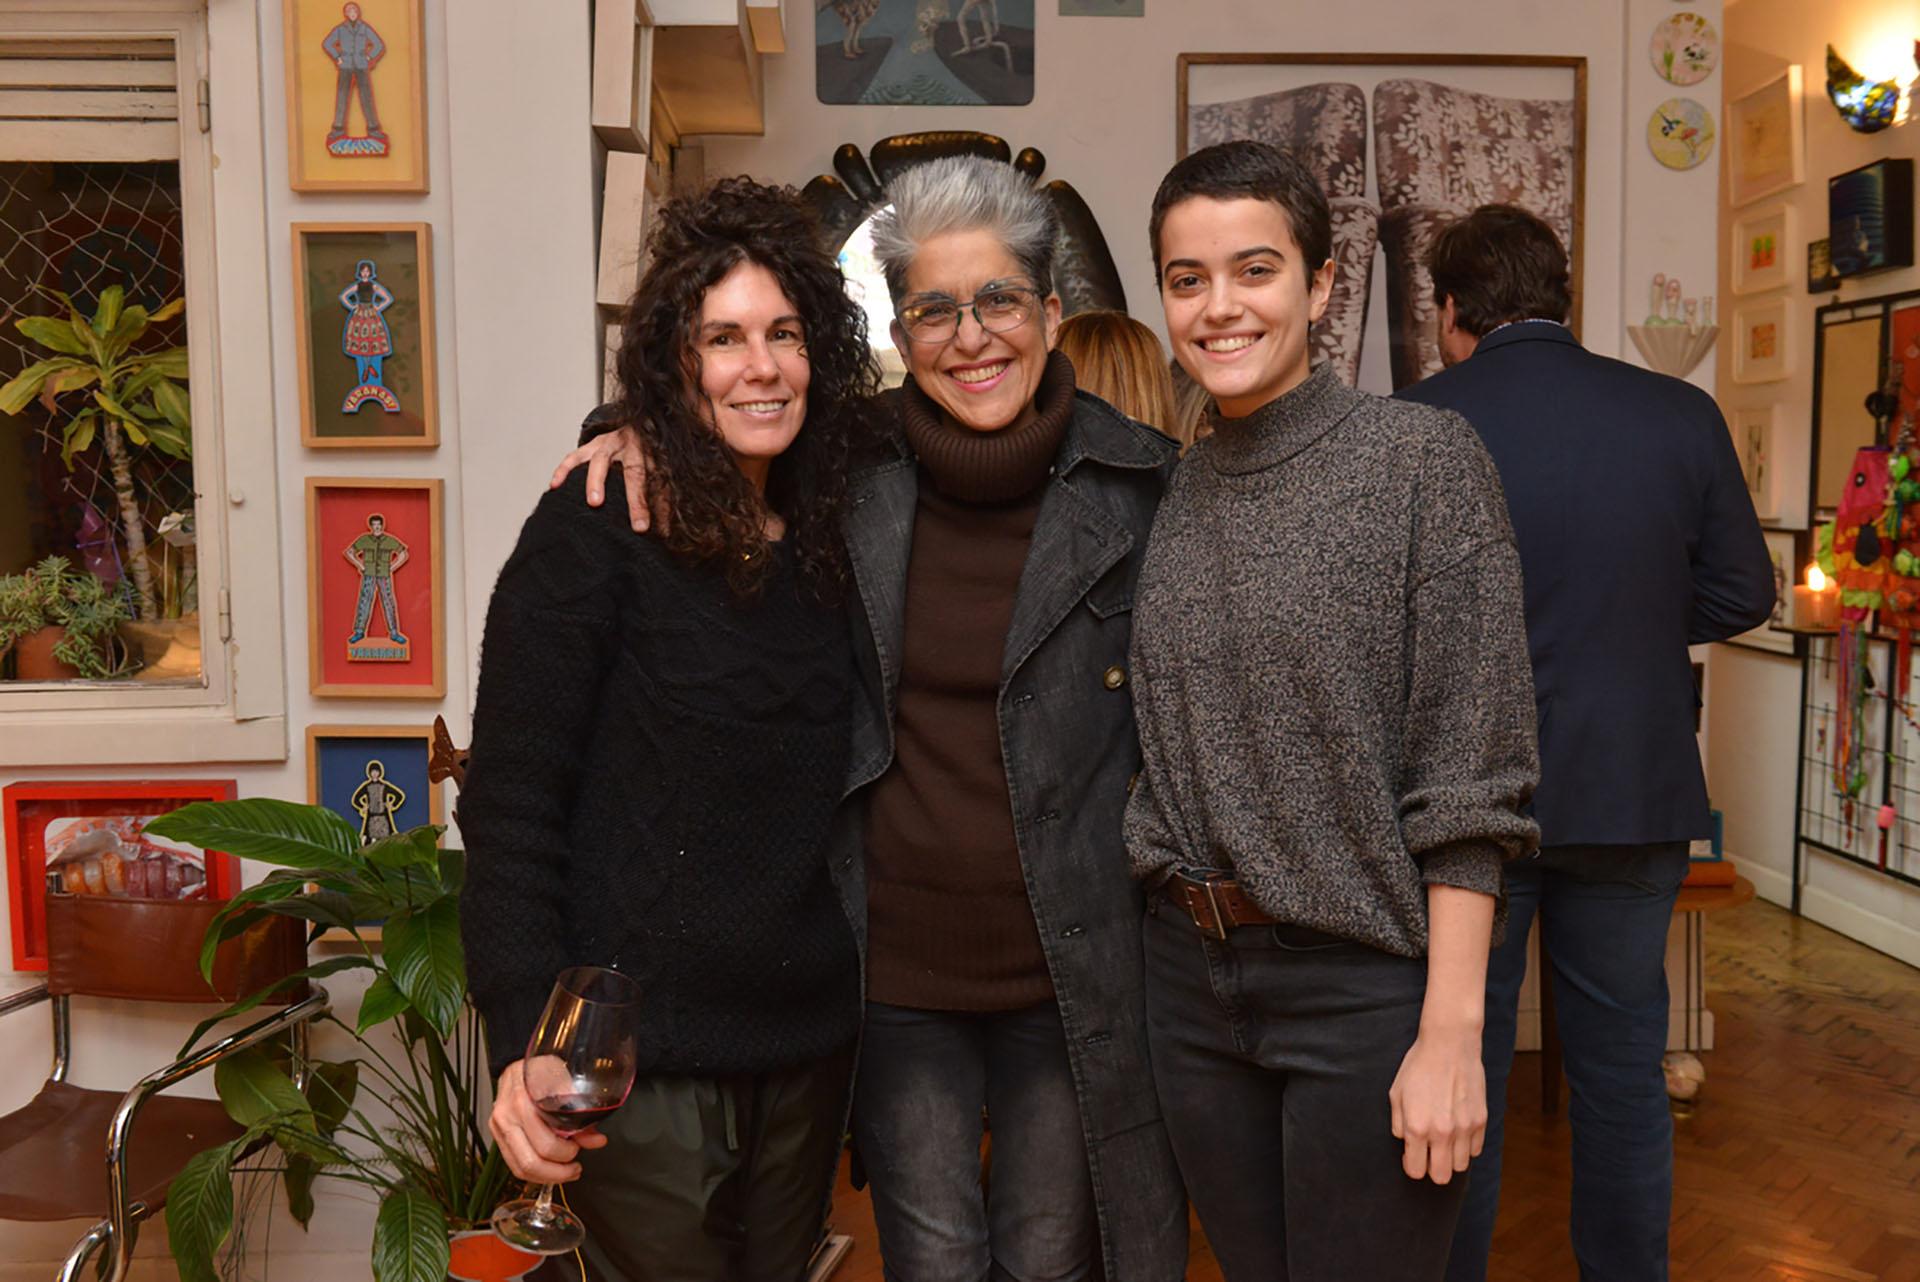 Las artistas Cynthia Cohen y Carolina Iotti junto su hija Catalina